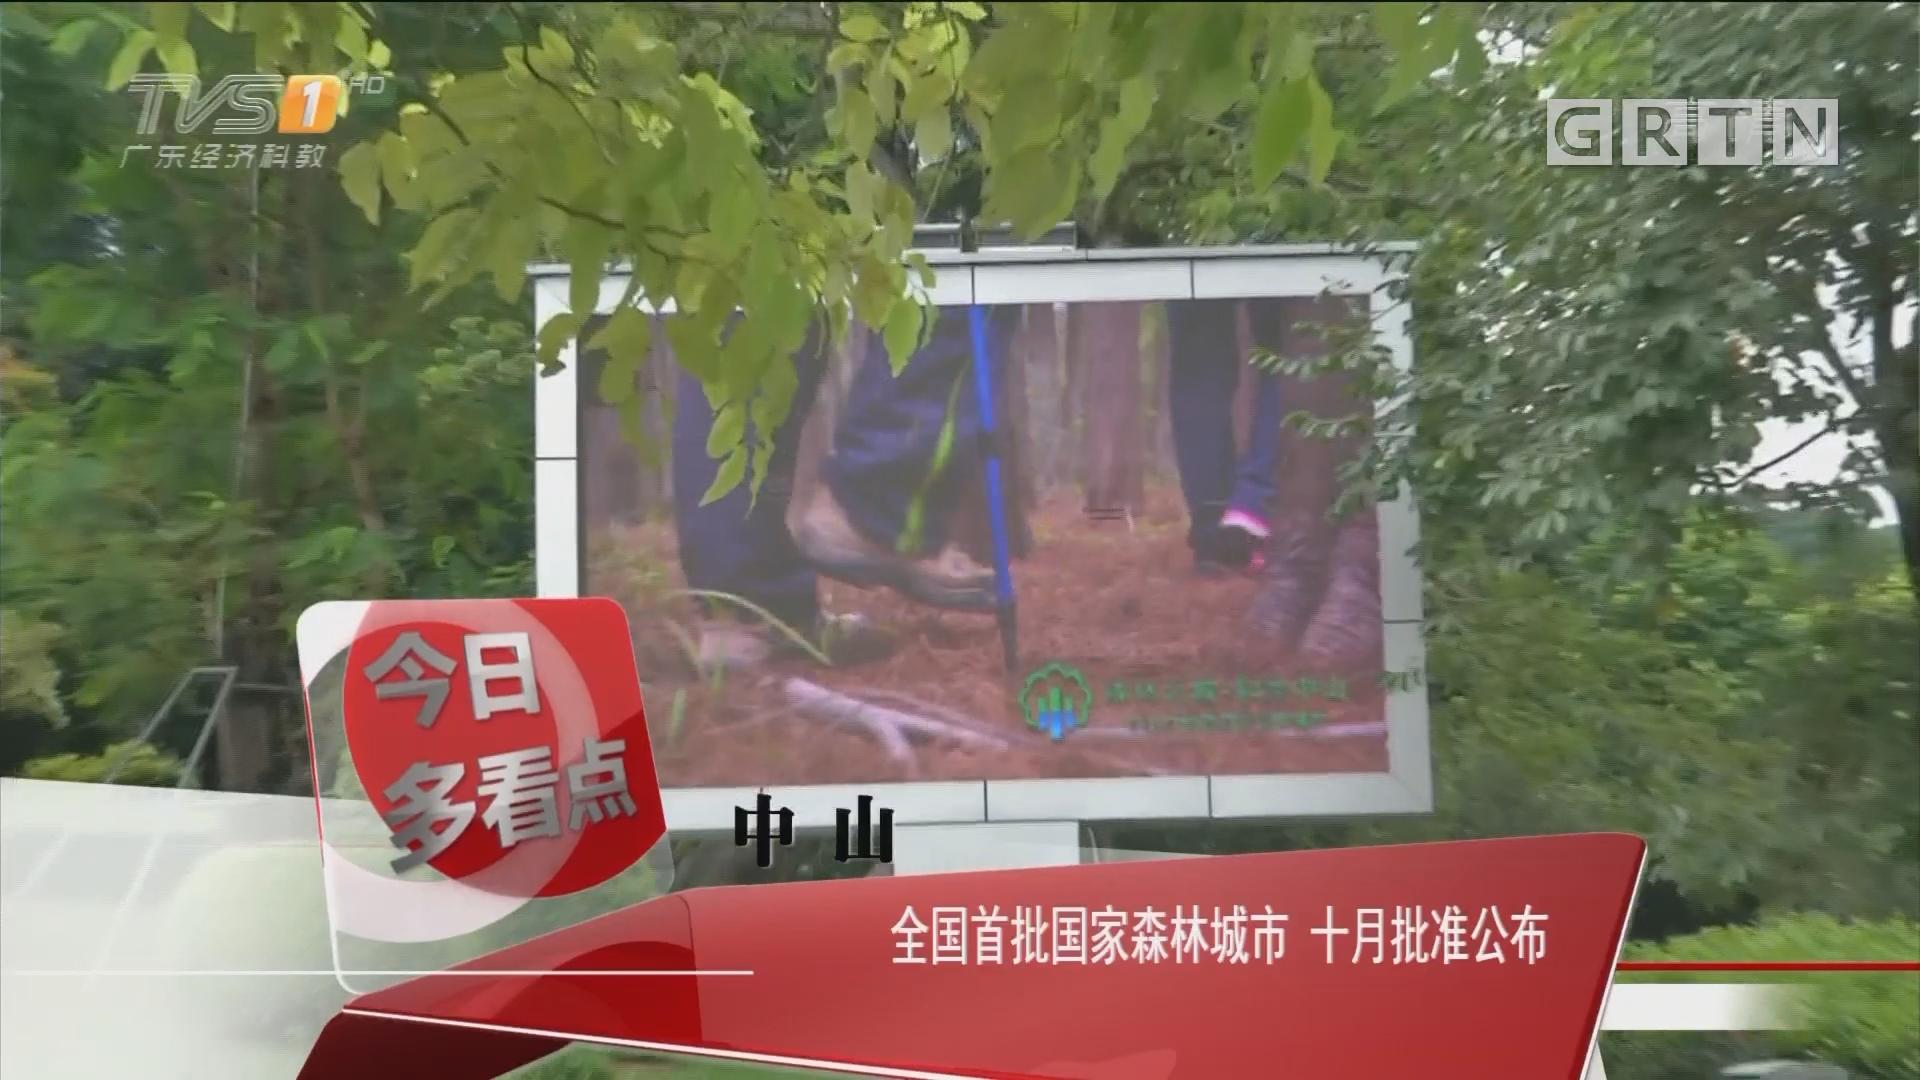 中山:全国首批国家森林城市 十月批准公布